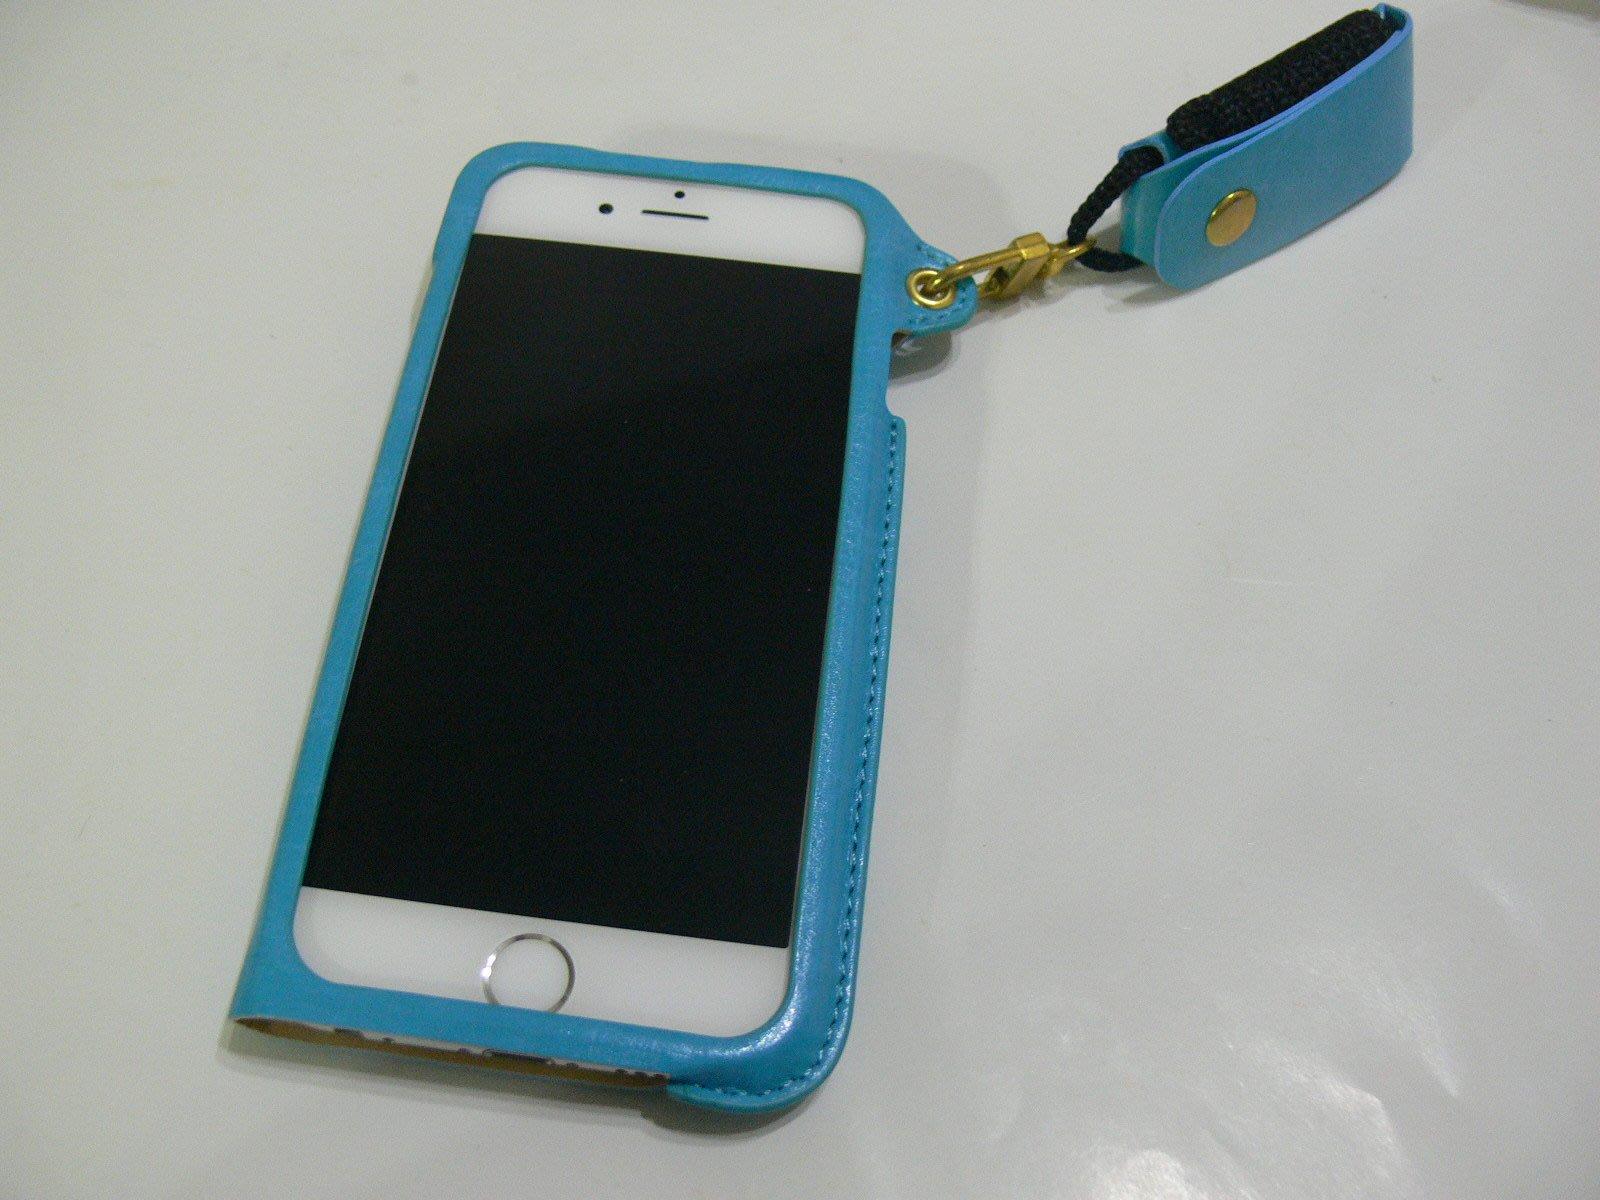 iPhone6 6S 4.7吋 掛繩 頸掛皮套 皮革 皮套 可立架 保護套 手機殼 背蓋 可插卡